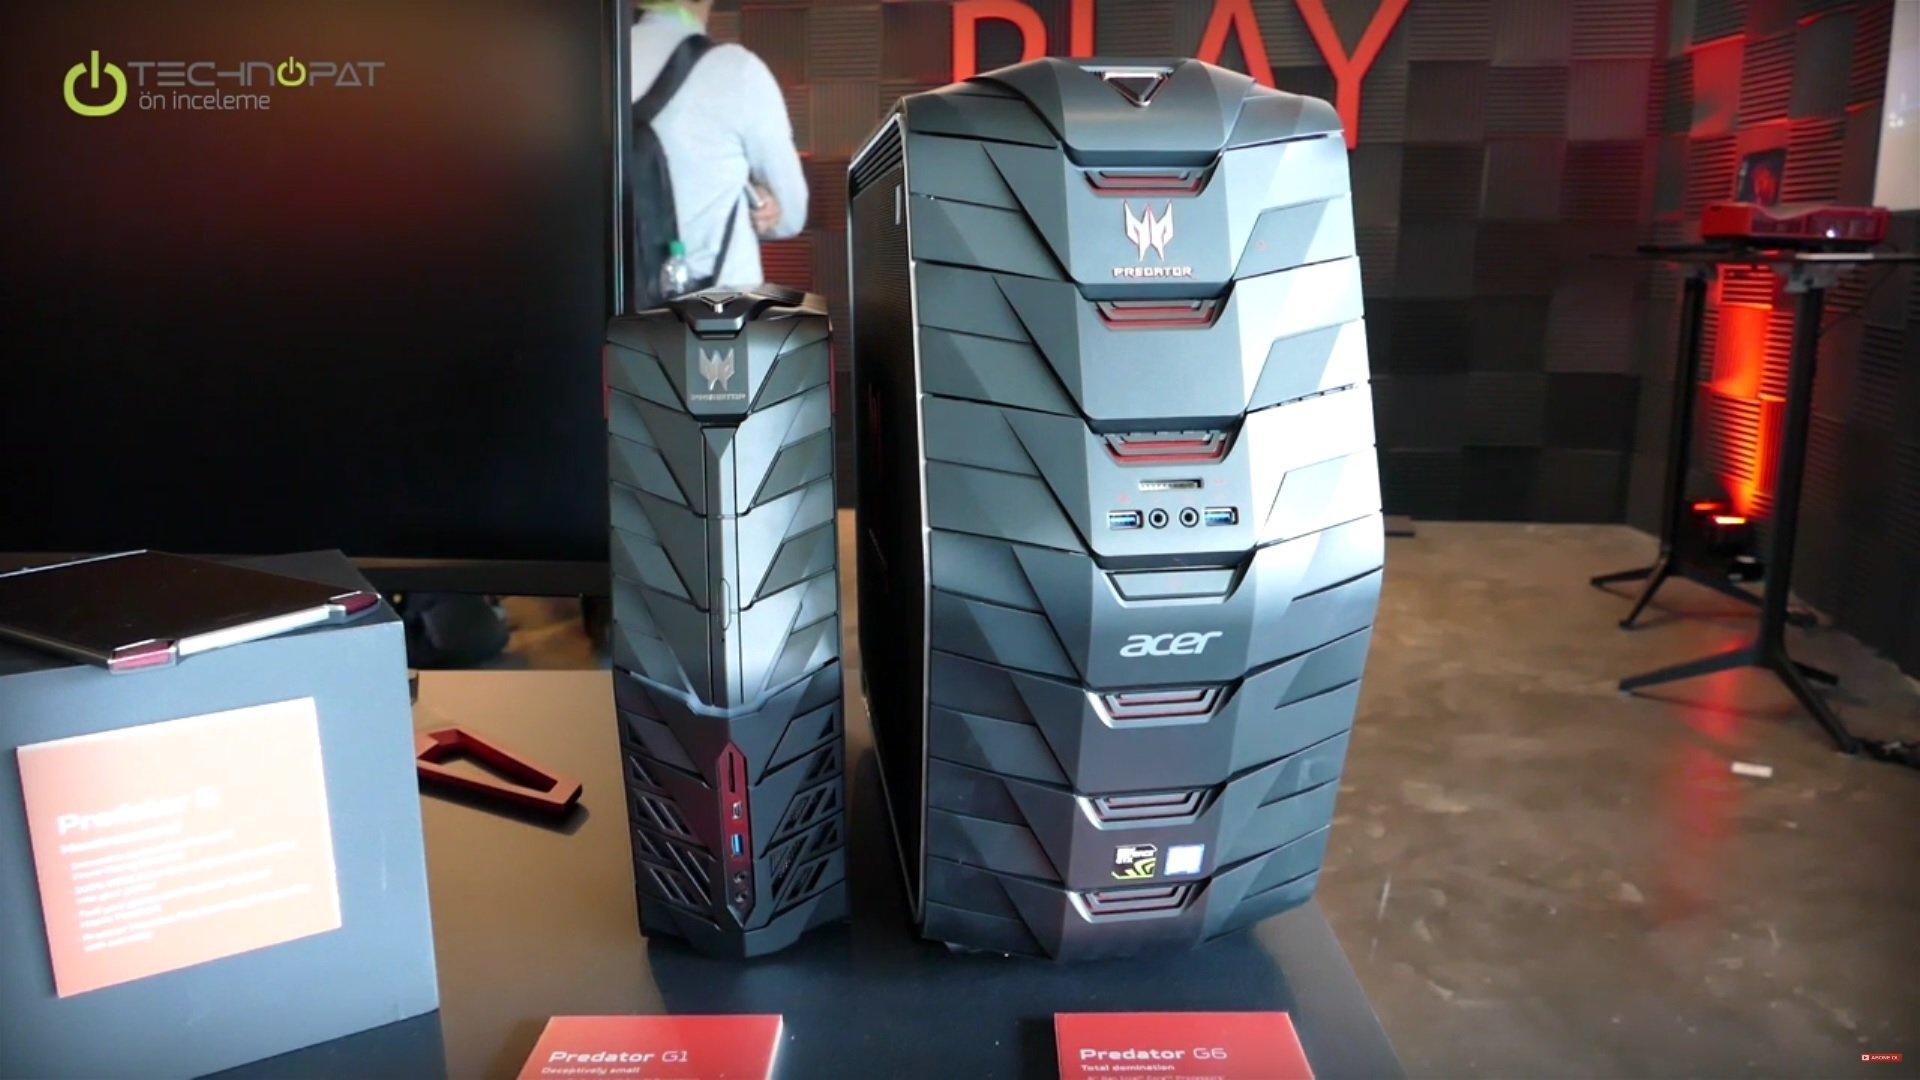 Acer Predator G1 Oyuncu Bilgisayarı: Ön İnceleme